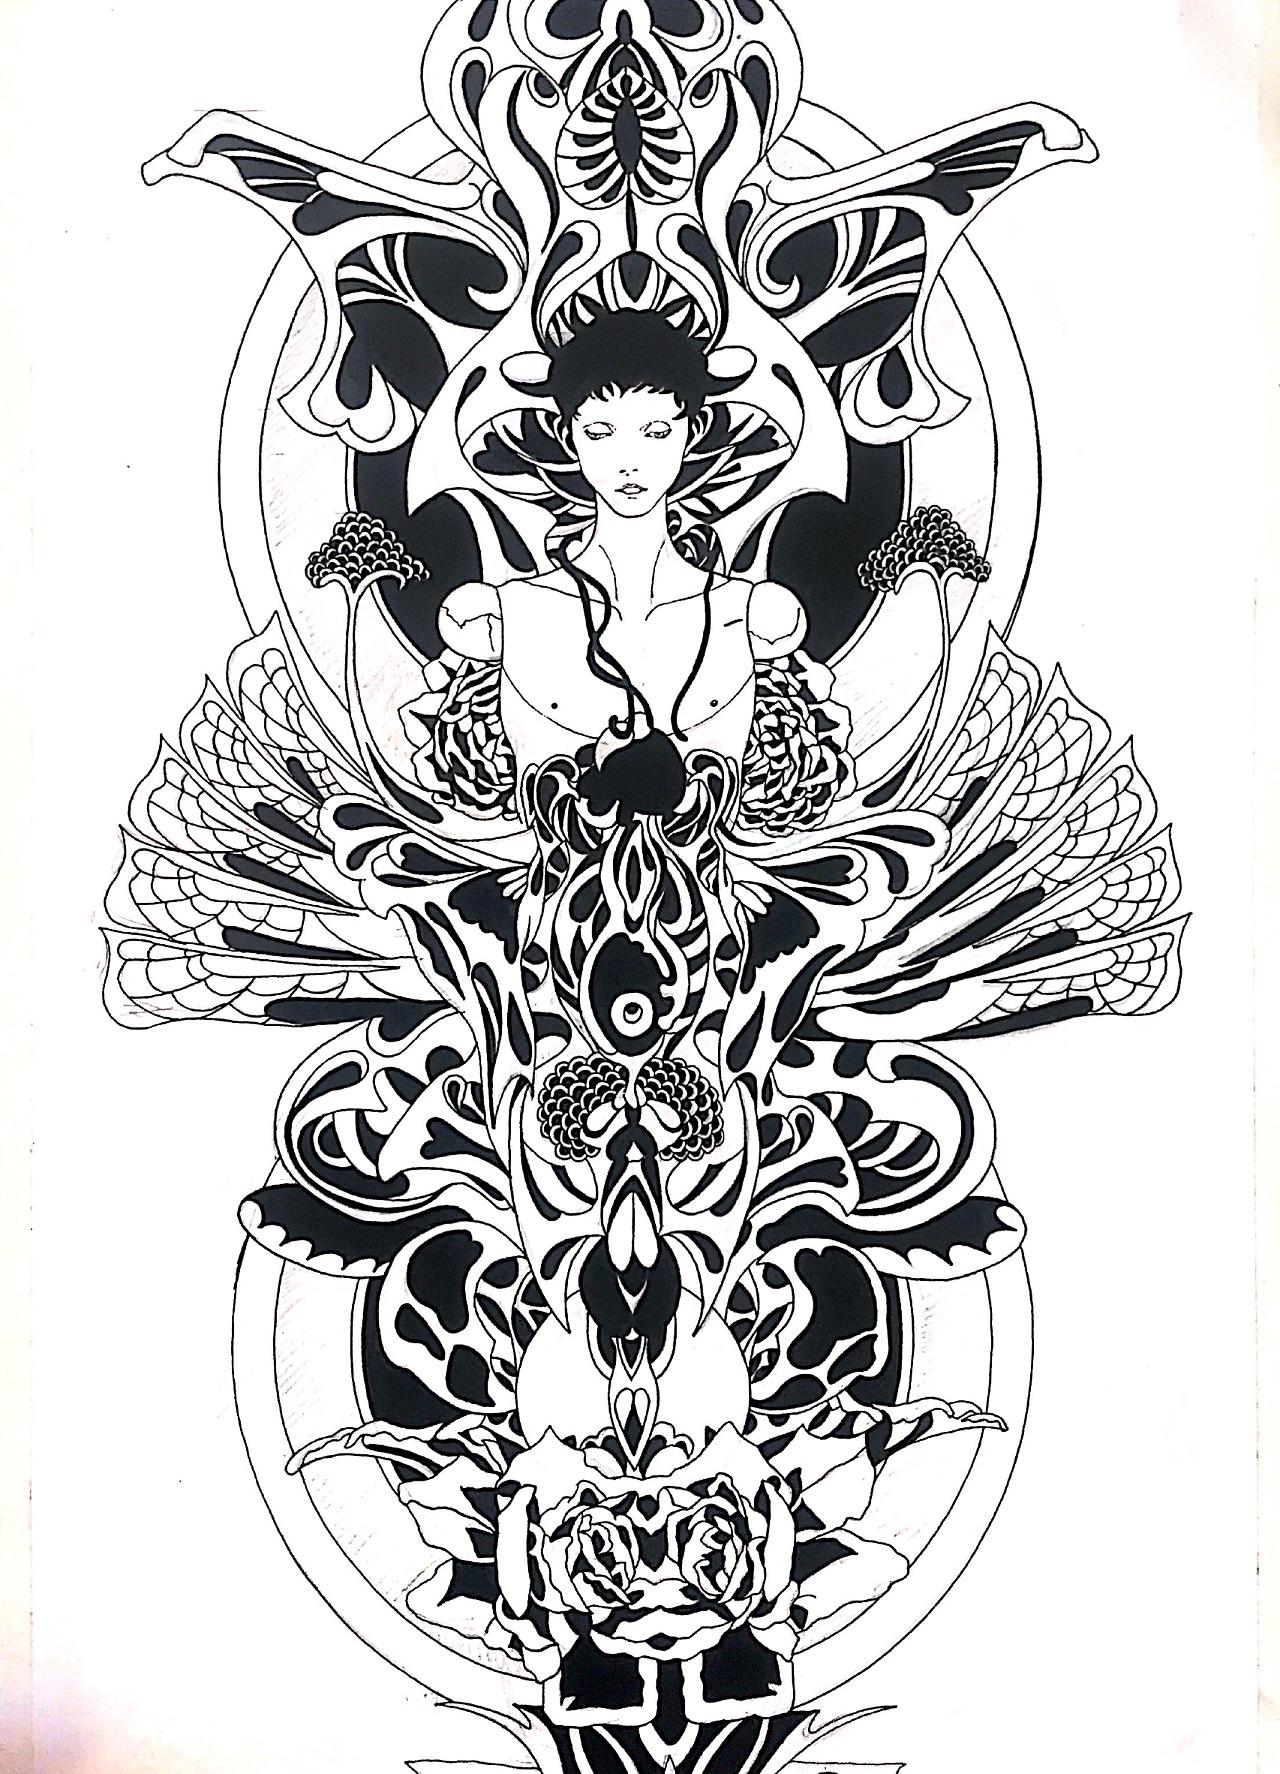 黑白画|插画|插画习作|shireen琳儿 - 原创作品图片